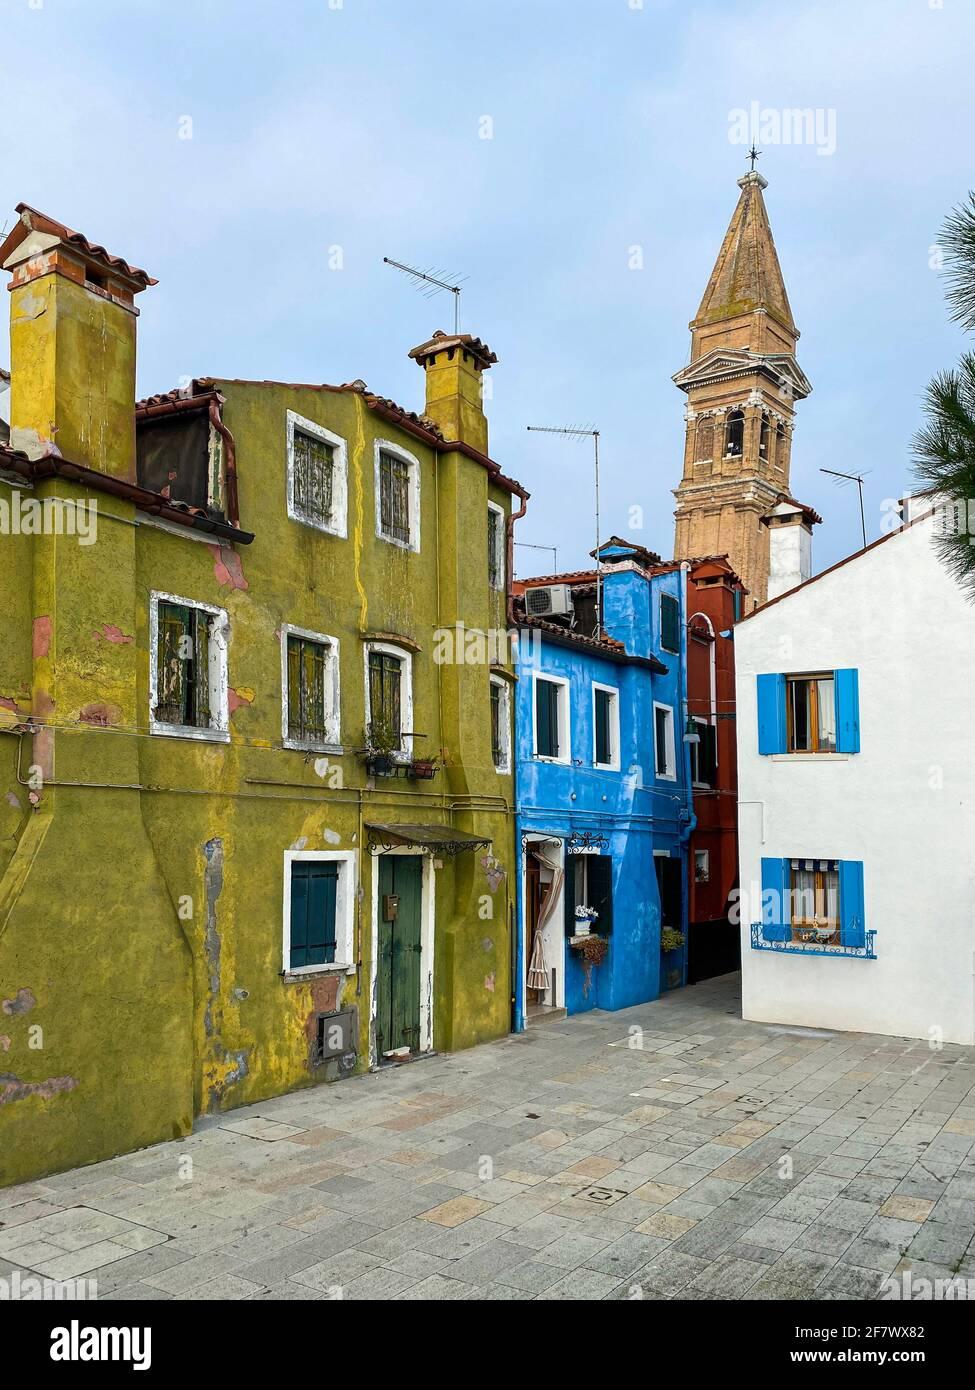 Case colorate su una piccola strada tradizionale con la cima di una chiesa che pende sull'isola di Burano, Venezia, Italia Foto Stock